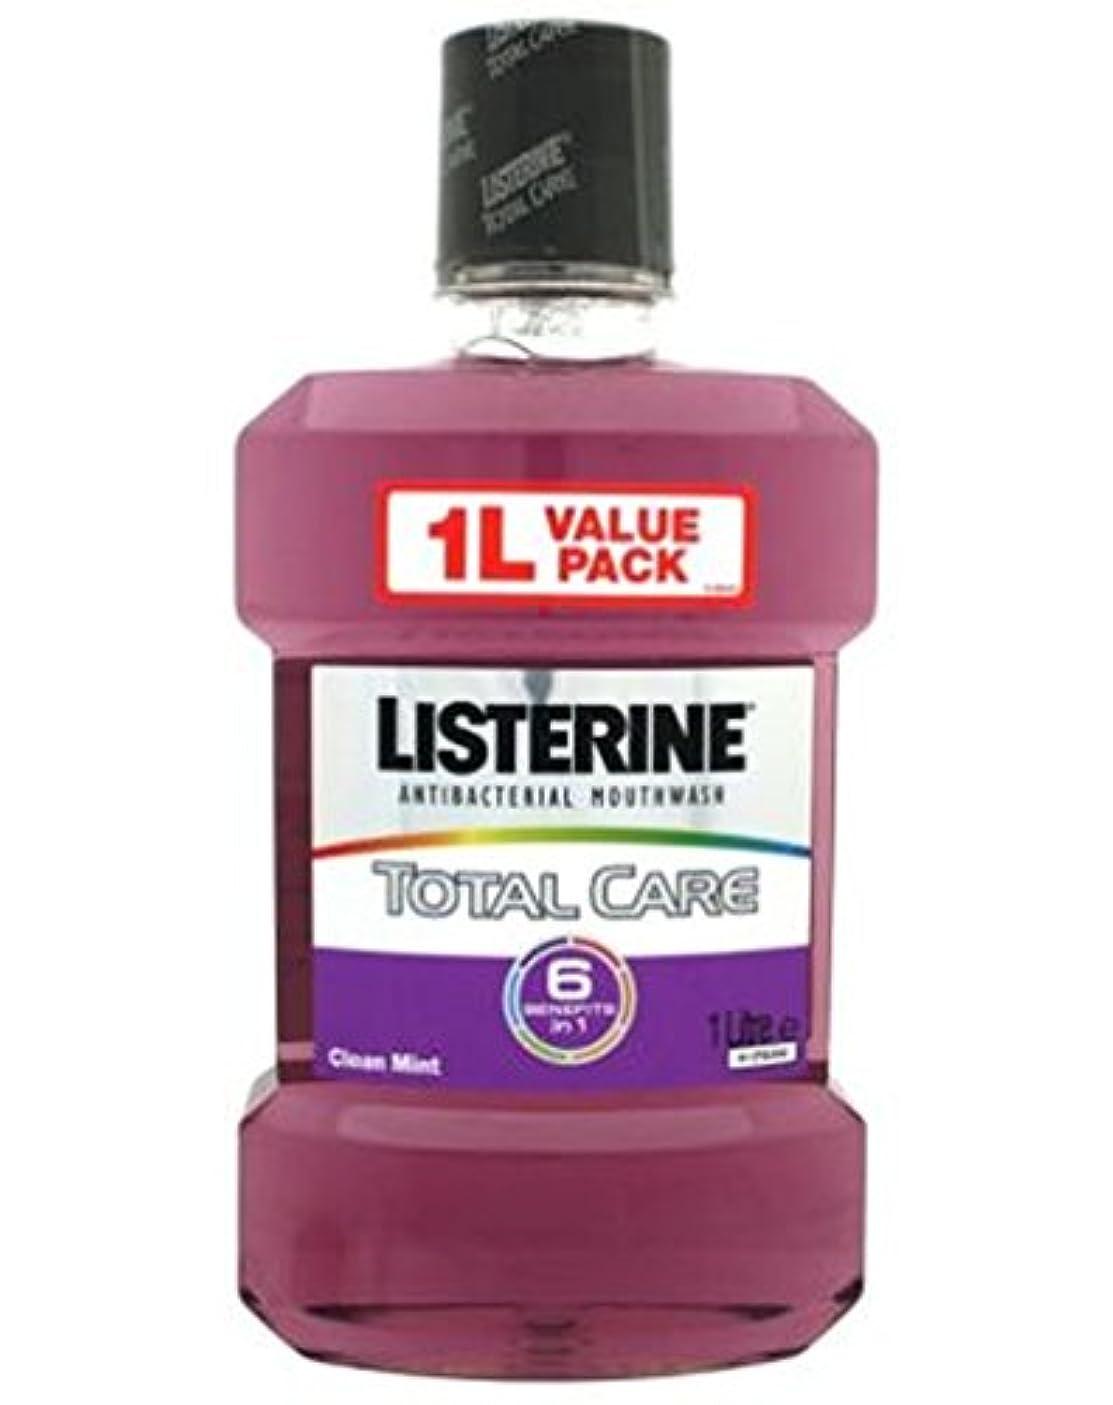 機密放棄する動詞リステリントータルケアマウスウォッシュ1リットル (Listerine) (x2) - Listerine Total Care Mouthwash 1 litre (Pack of 2) [並行輸入品]